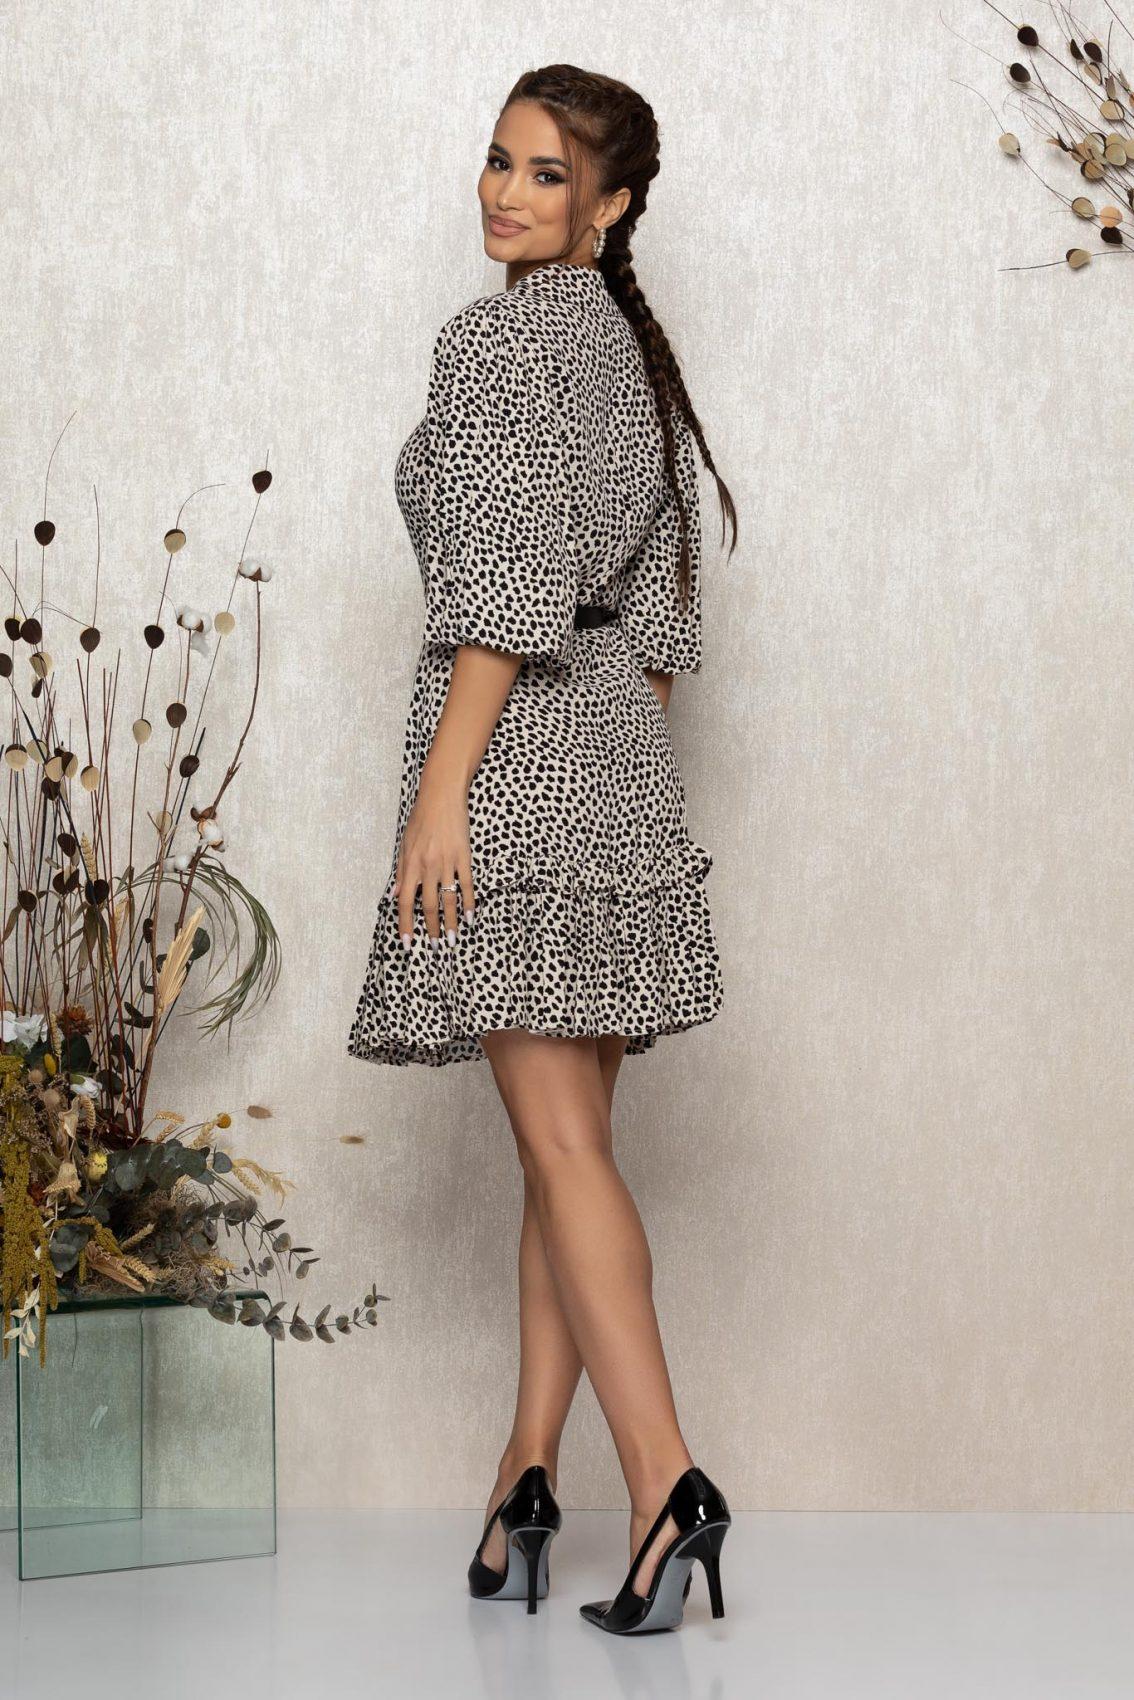 Μπεζ Animal Print Φόρεμα Debbie T347 2